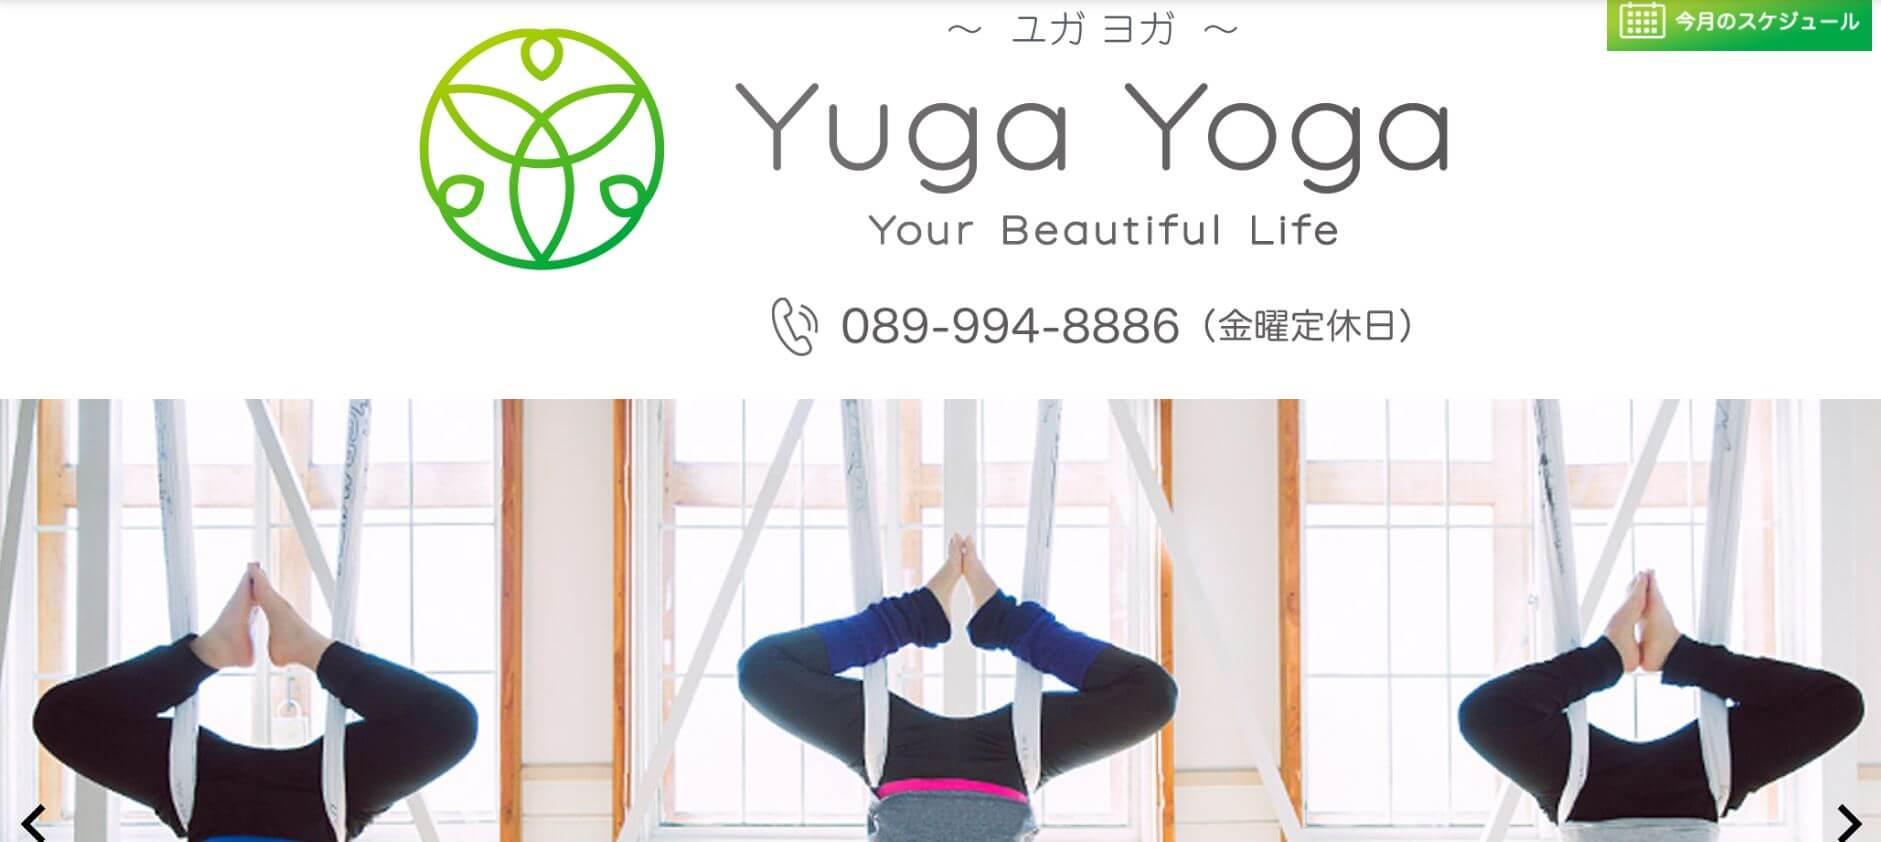 Yuga Yoga